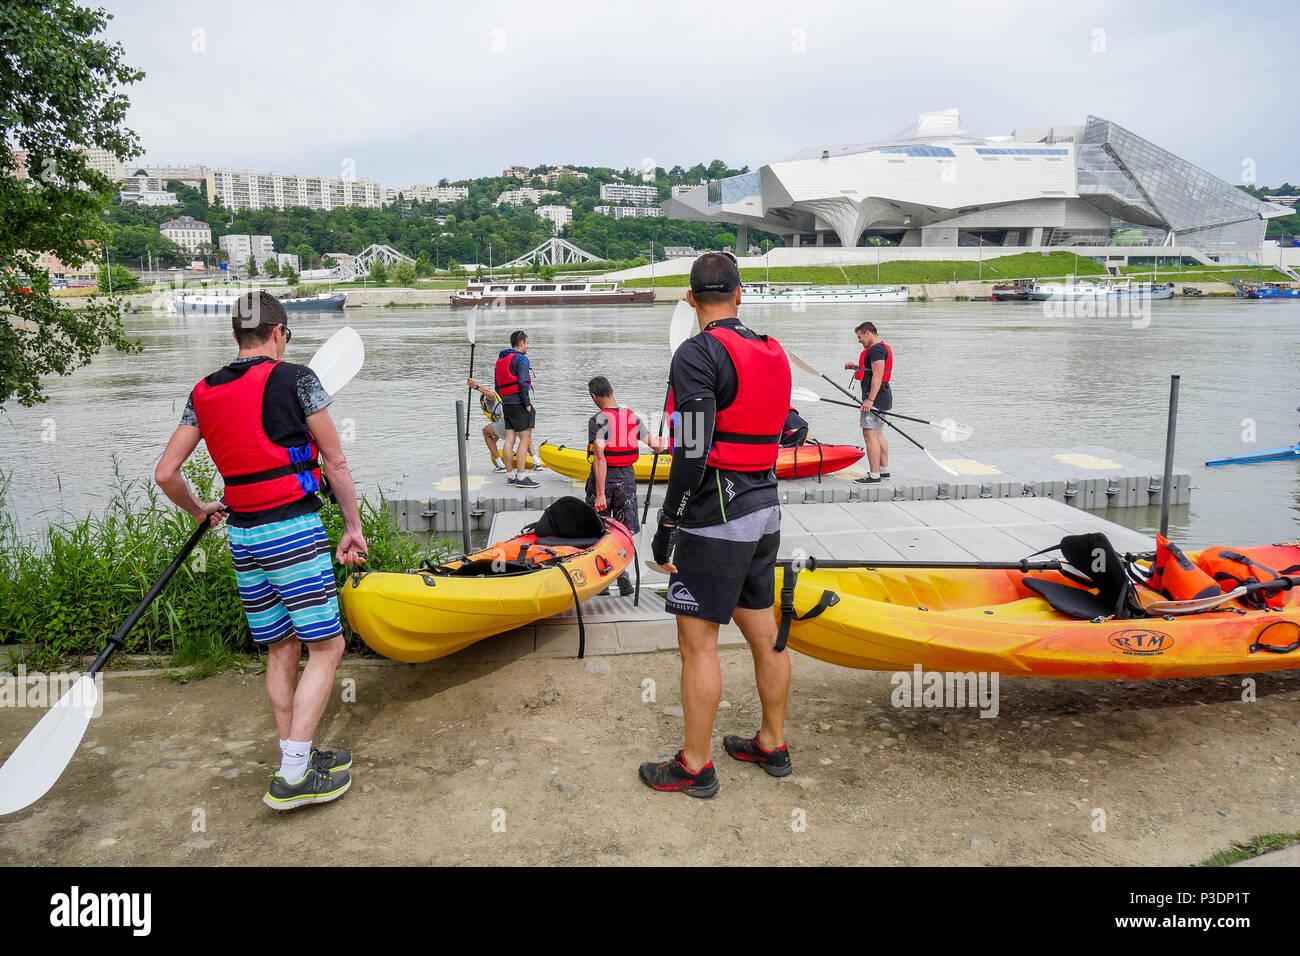 Los heridos de guerra Día: PLM raid canoa comienza en Lyon, Francia. Foto de stock